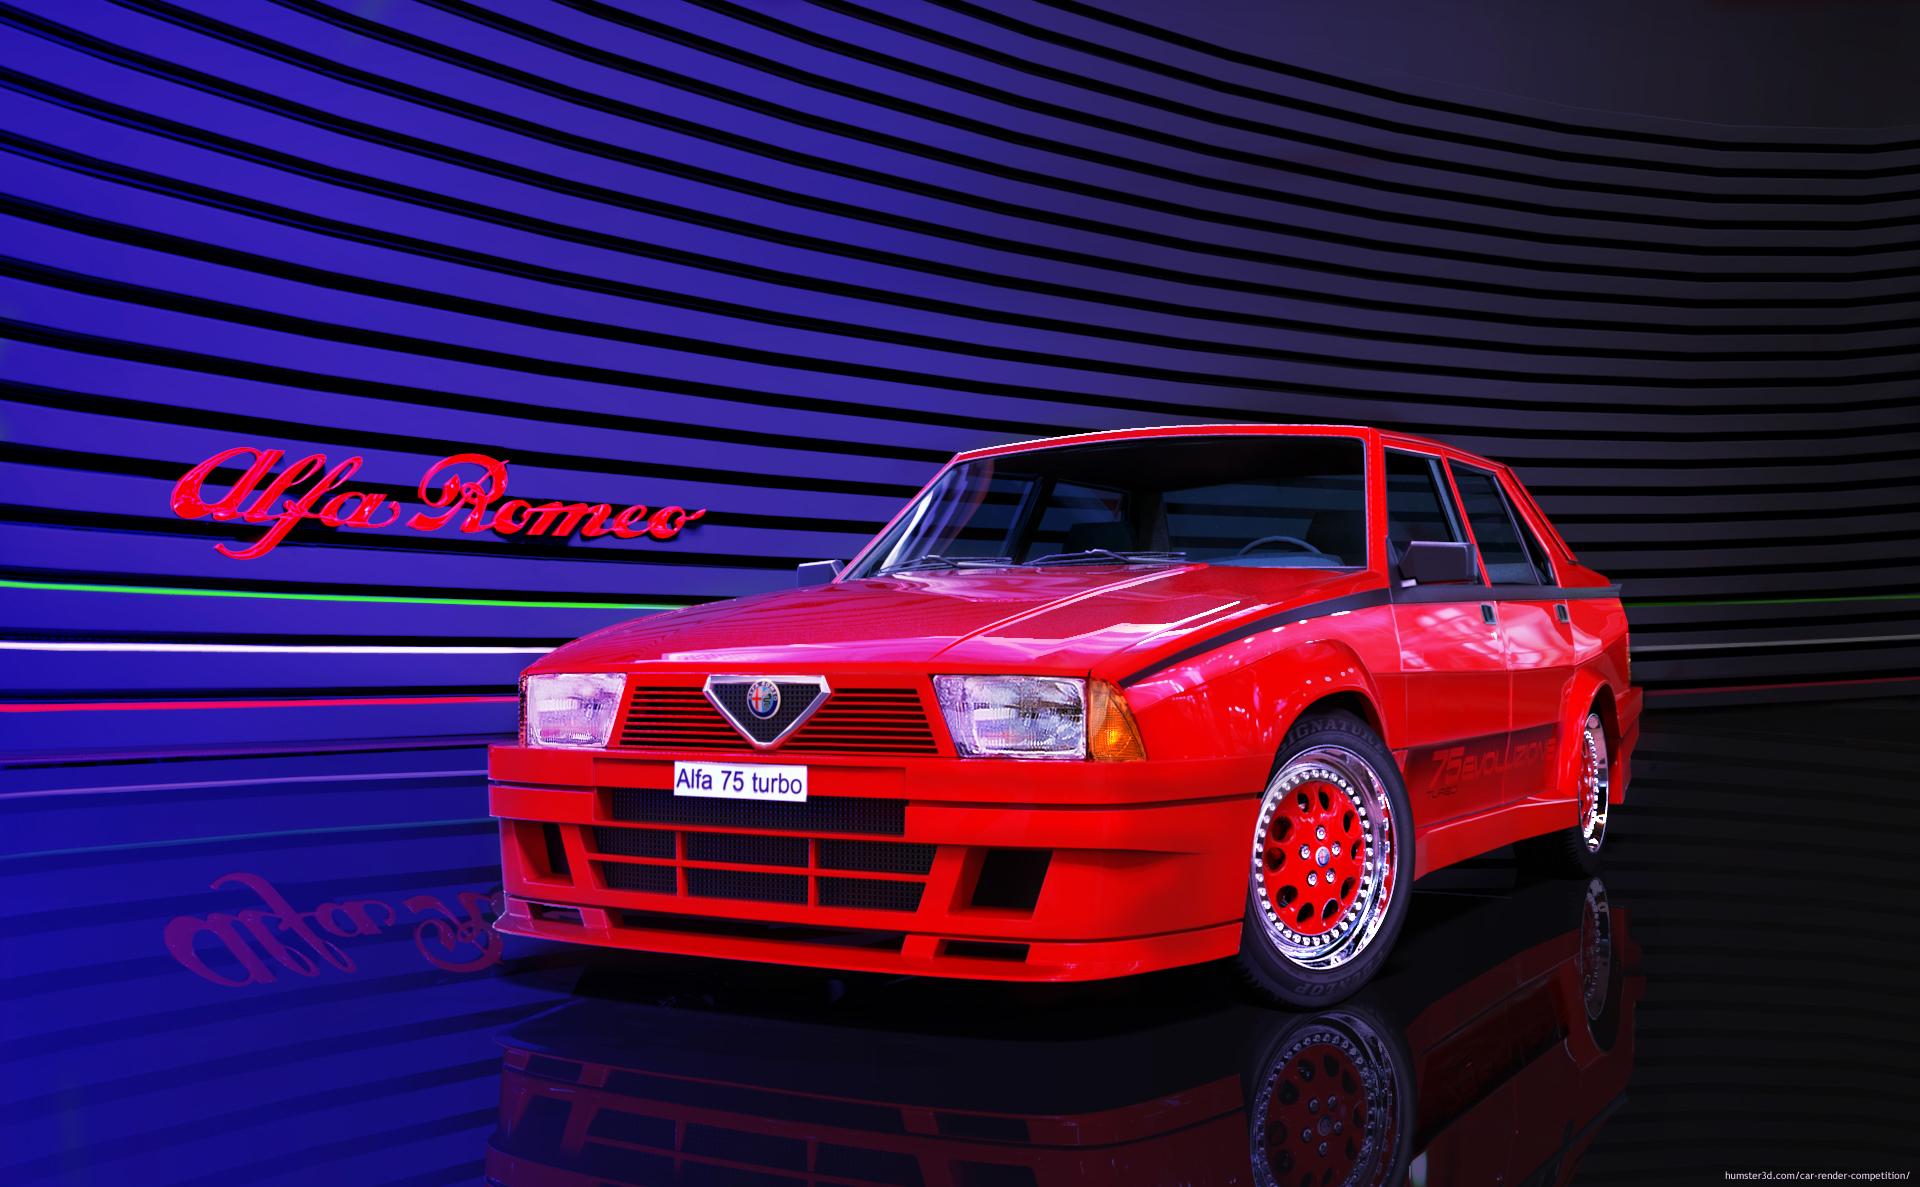 Alfa 75 Turbo Evoluzione 3d art